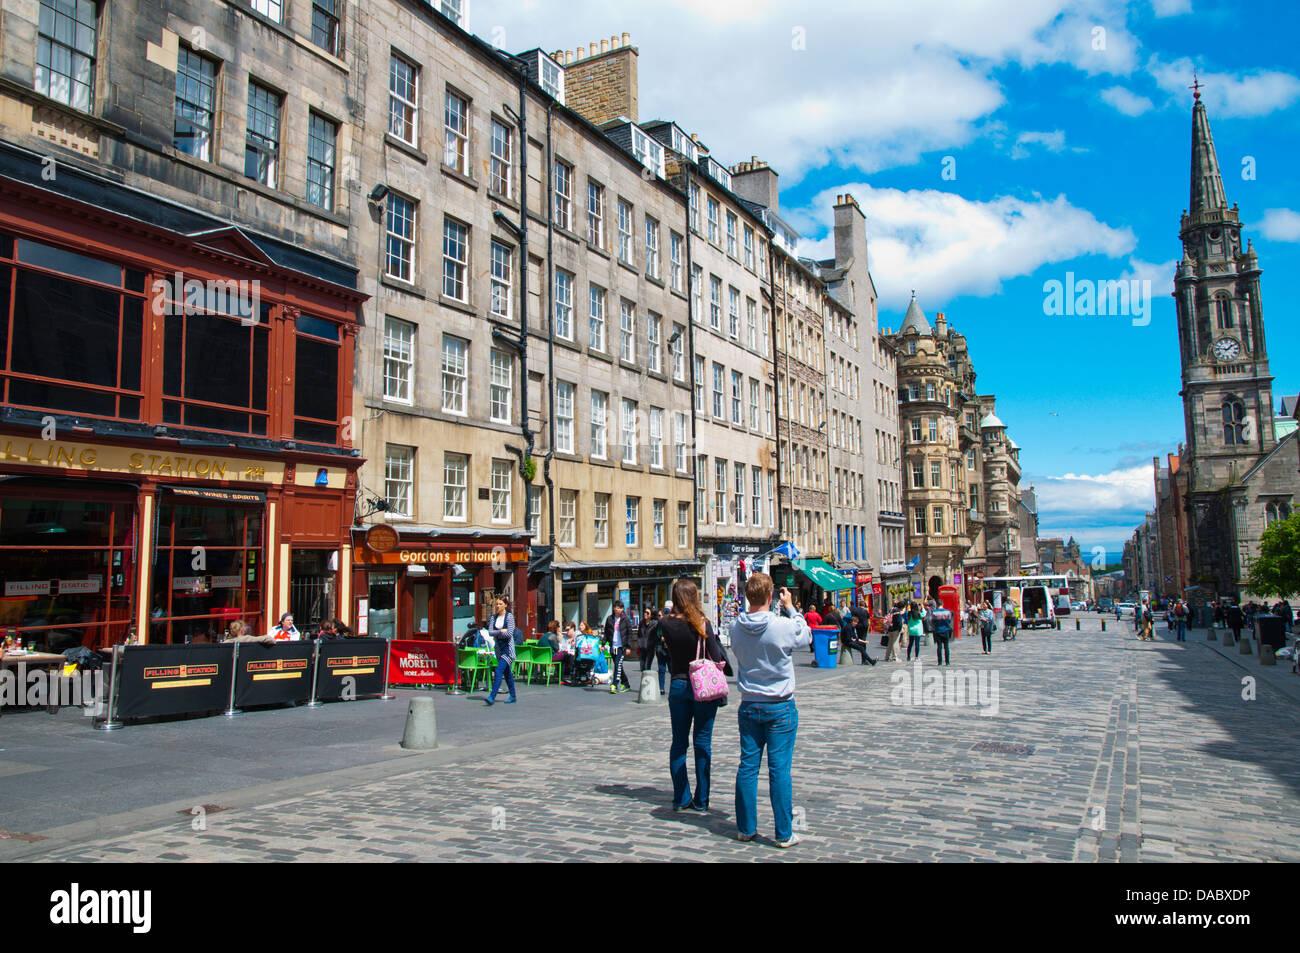 Royal Mile old town Edinburgh Scotland Britain UK Europe - Stock Image